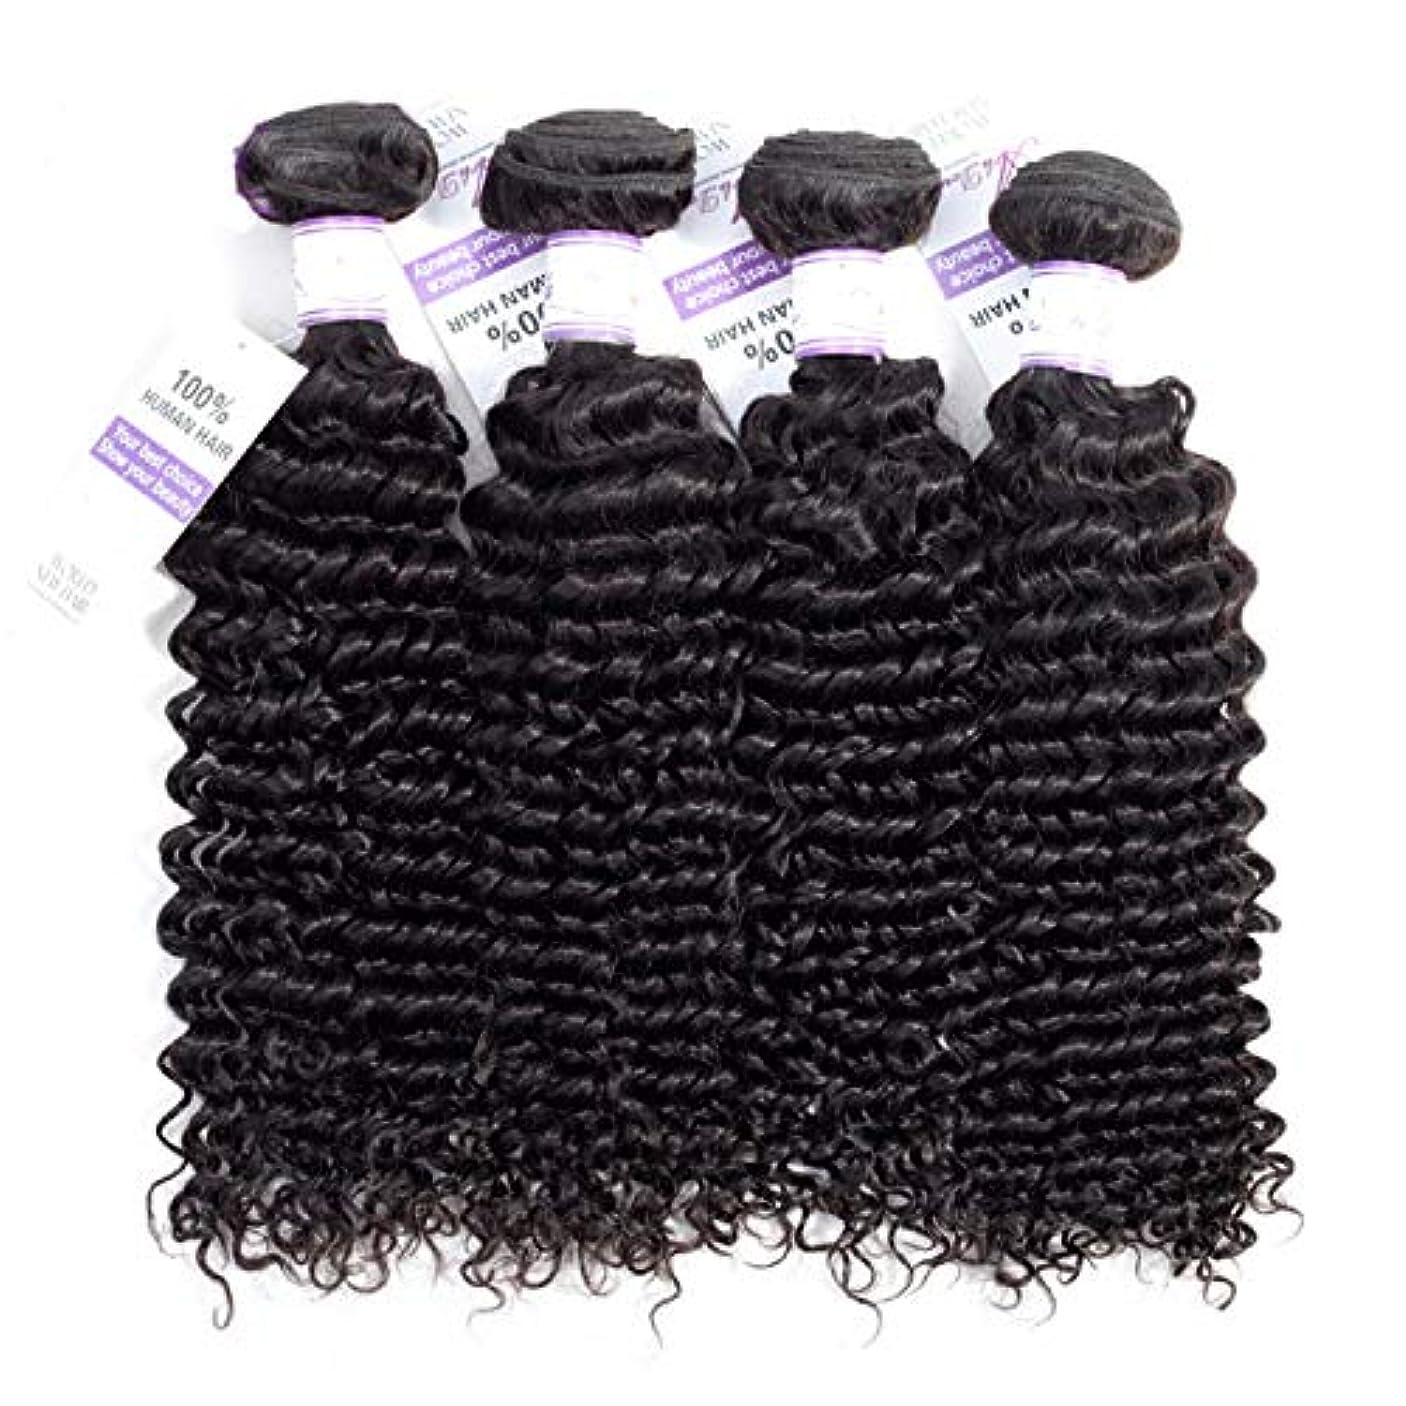 細部変換するネクタイマレーシアのディープウェーブヘアバンドル8-28インチ100%人毛織りレミーヘアナチュラルカラー4個 (Stretched Length : 10 12 14 14)